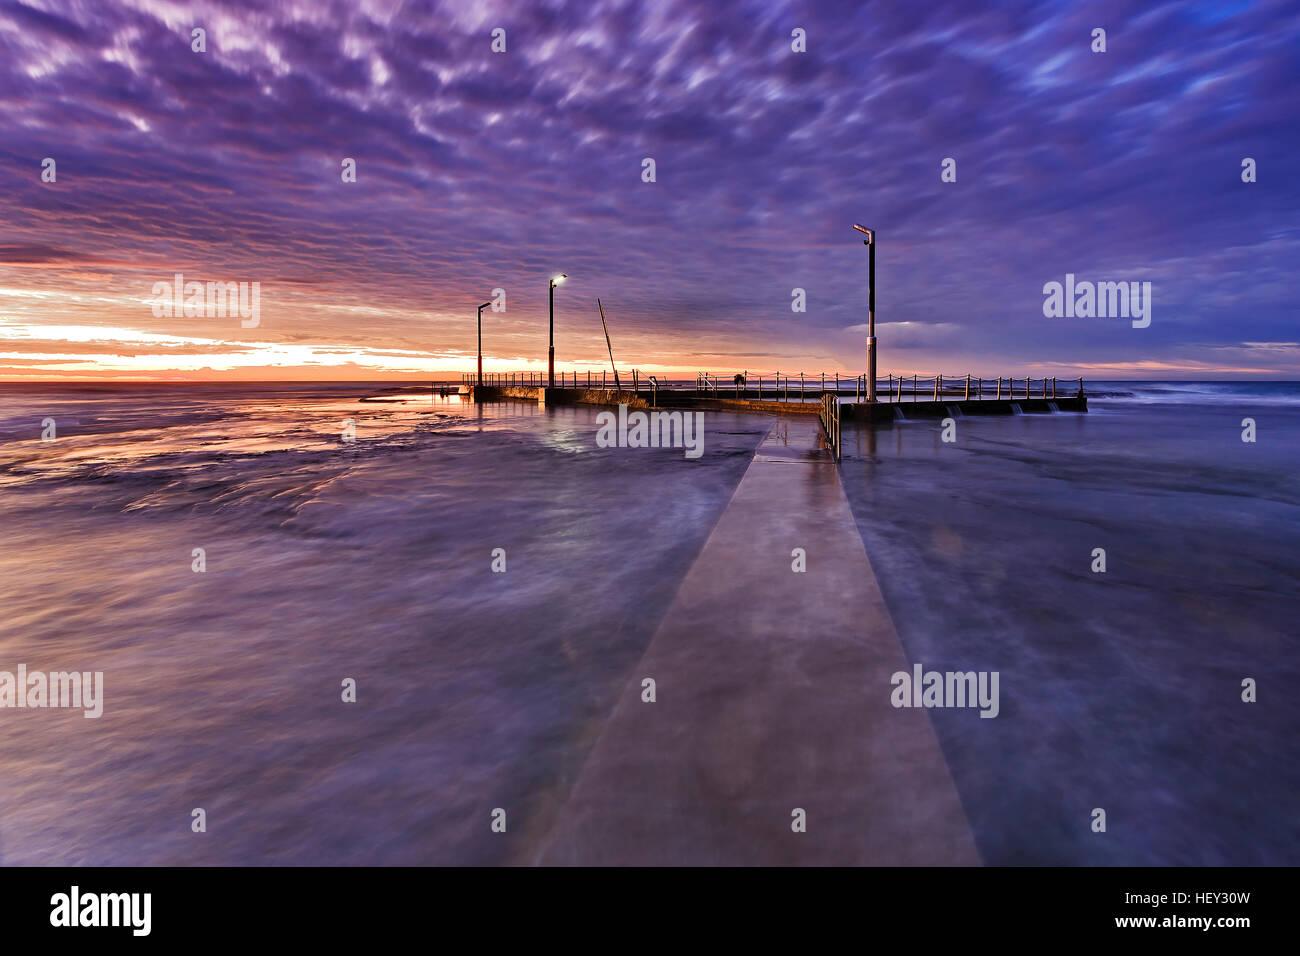 Plages du nord de Sydney Mona Vale rock publique extérieure au lever du soleil à marée haute. Écoulement Photo Stock